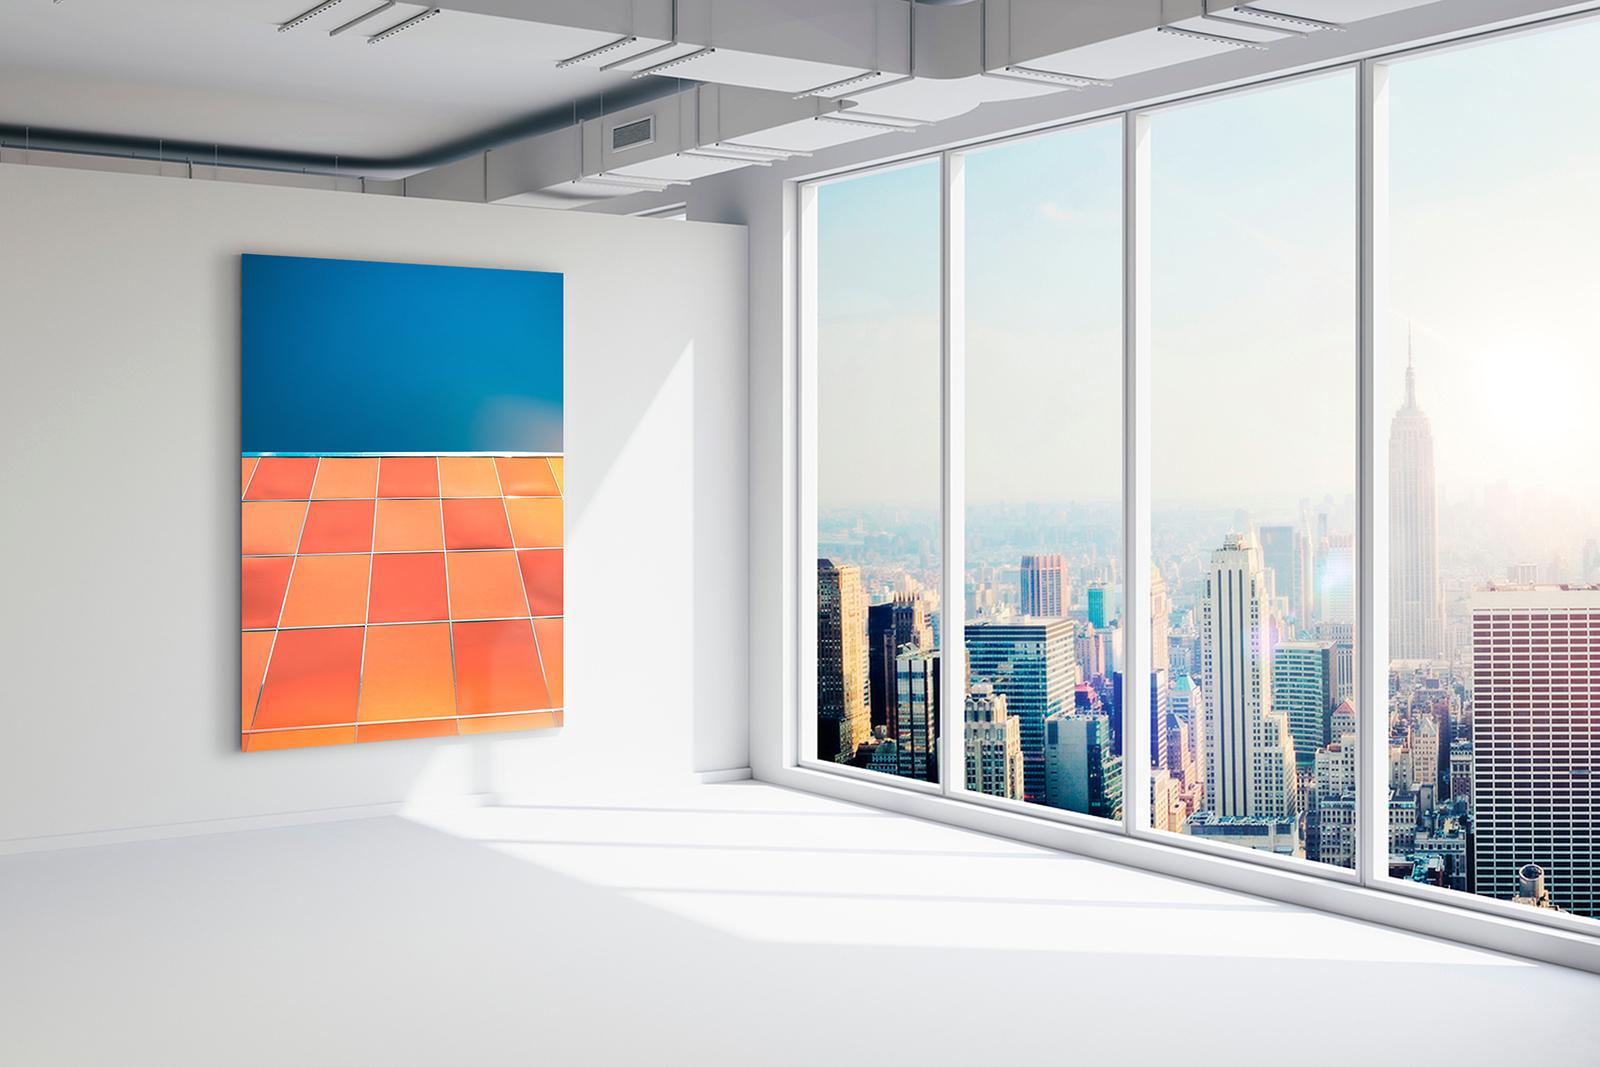 danny-k-lloyd-SUNBURST-new-york-city-framed-fine-art-photography-1600.jpg